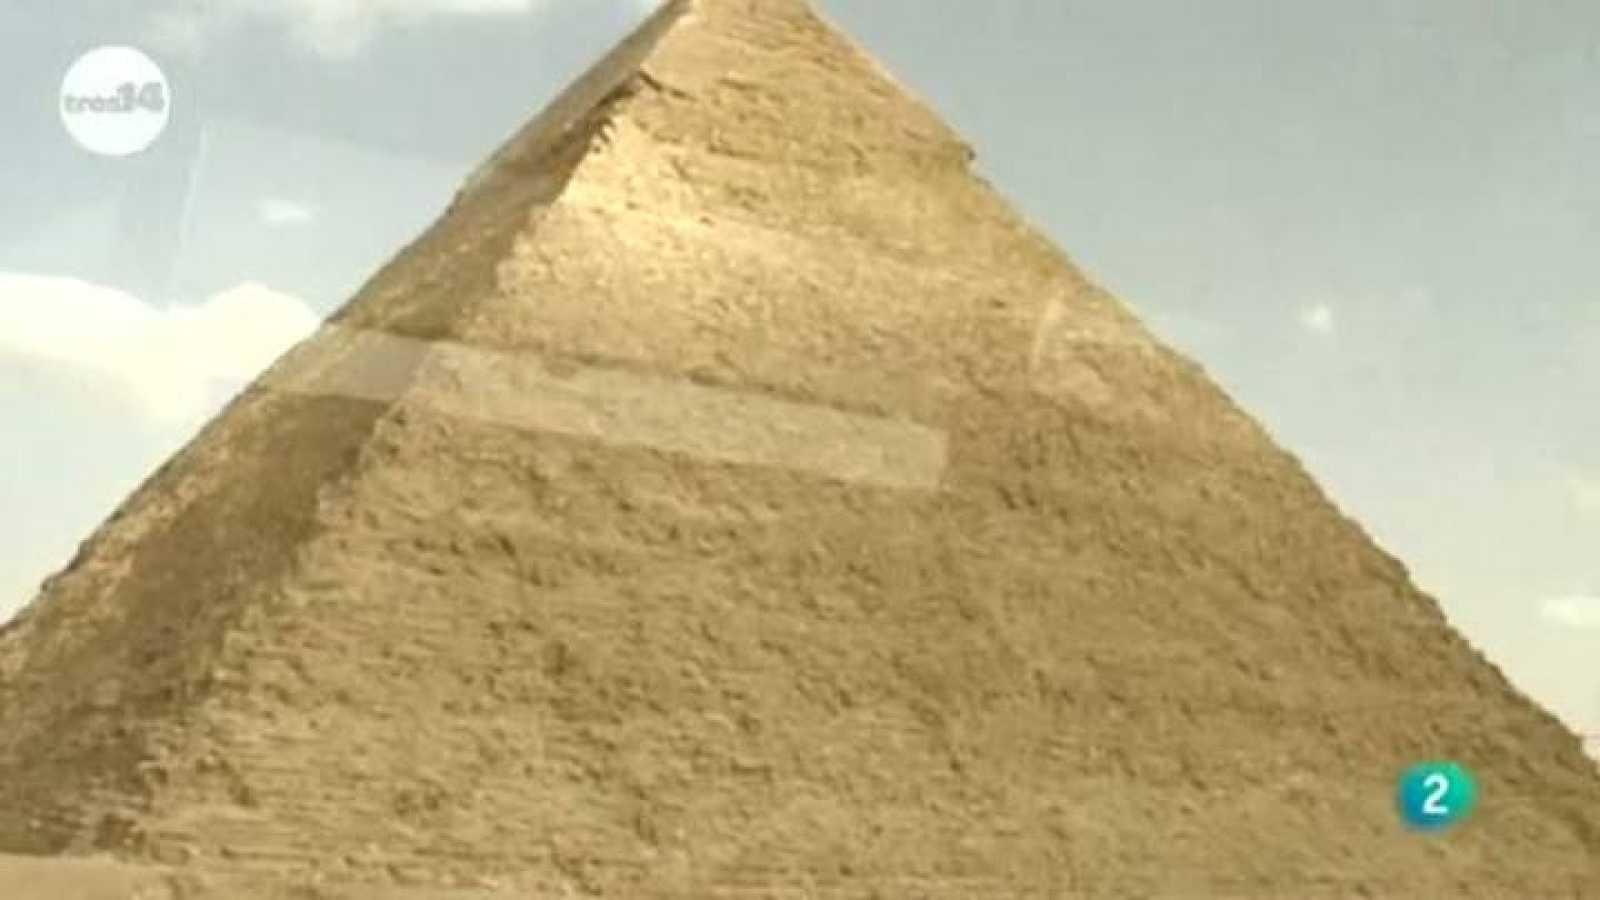 tres14 - curiosidades científicas - Las Pirámides de los hombres libres